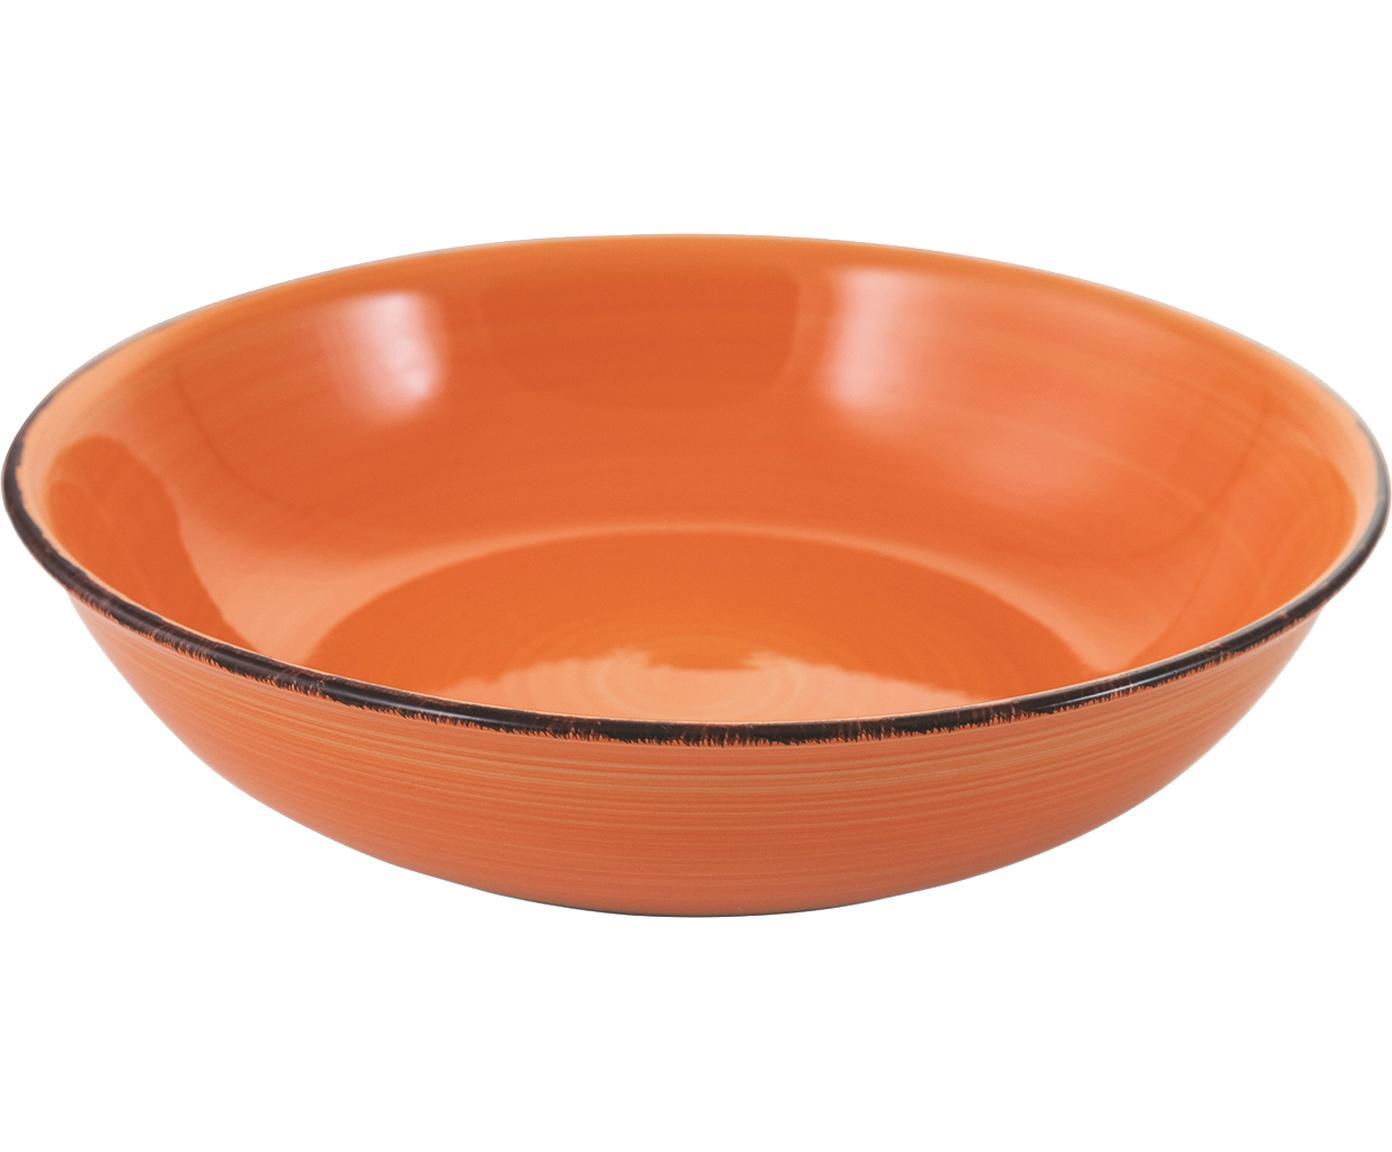 Kom Baita, Handbeschilderde keramiek, Oranje, Ø 29 x H 7 cm